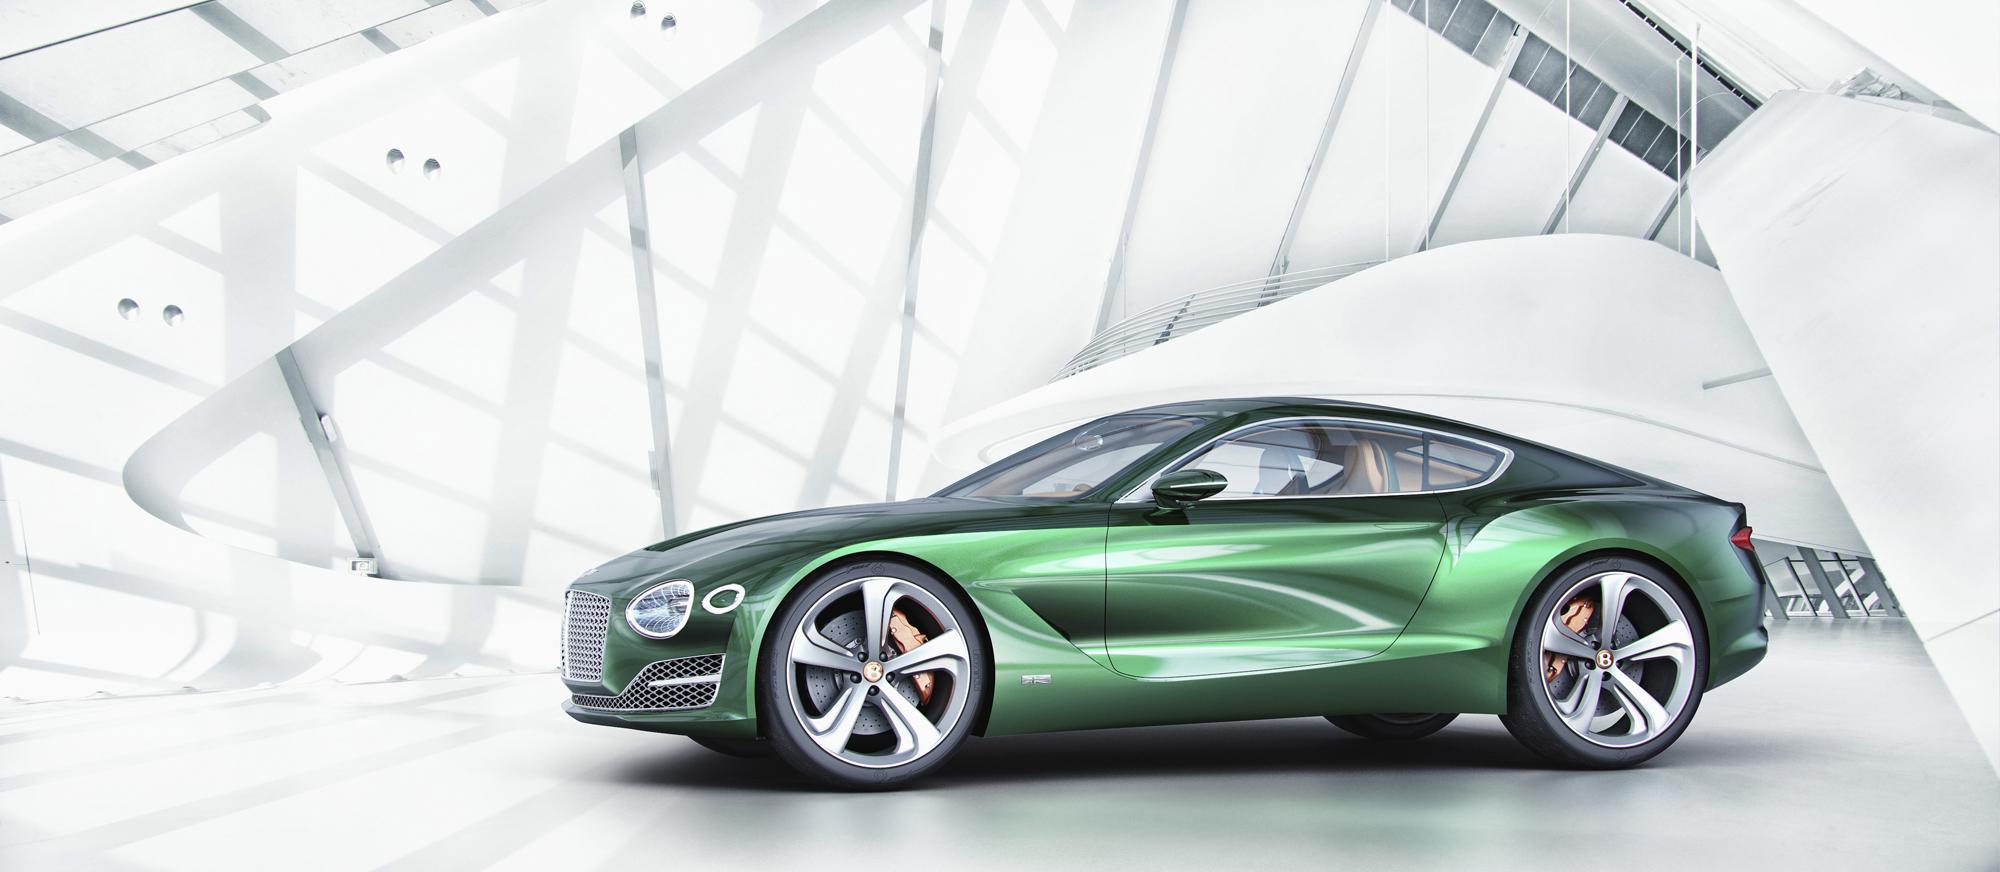 2000x872 Bentley Split Between Speed 6 And Compact Suv